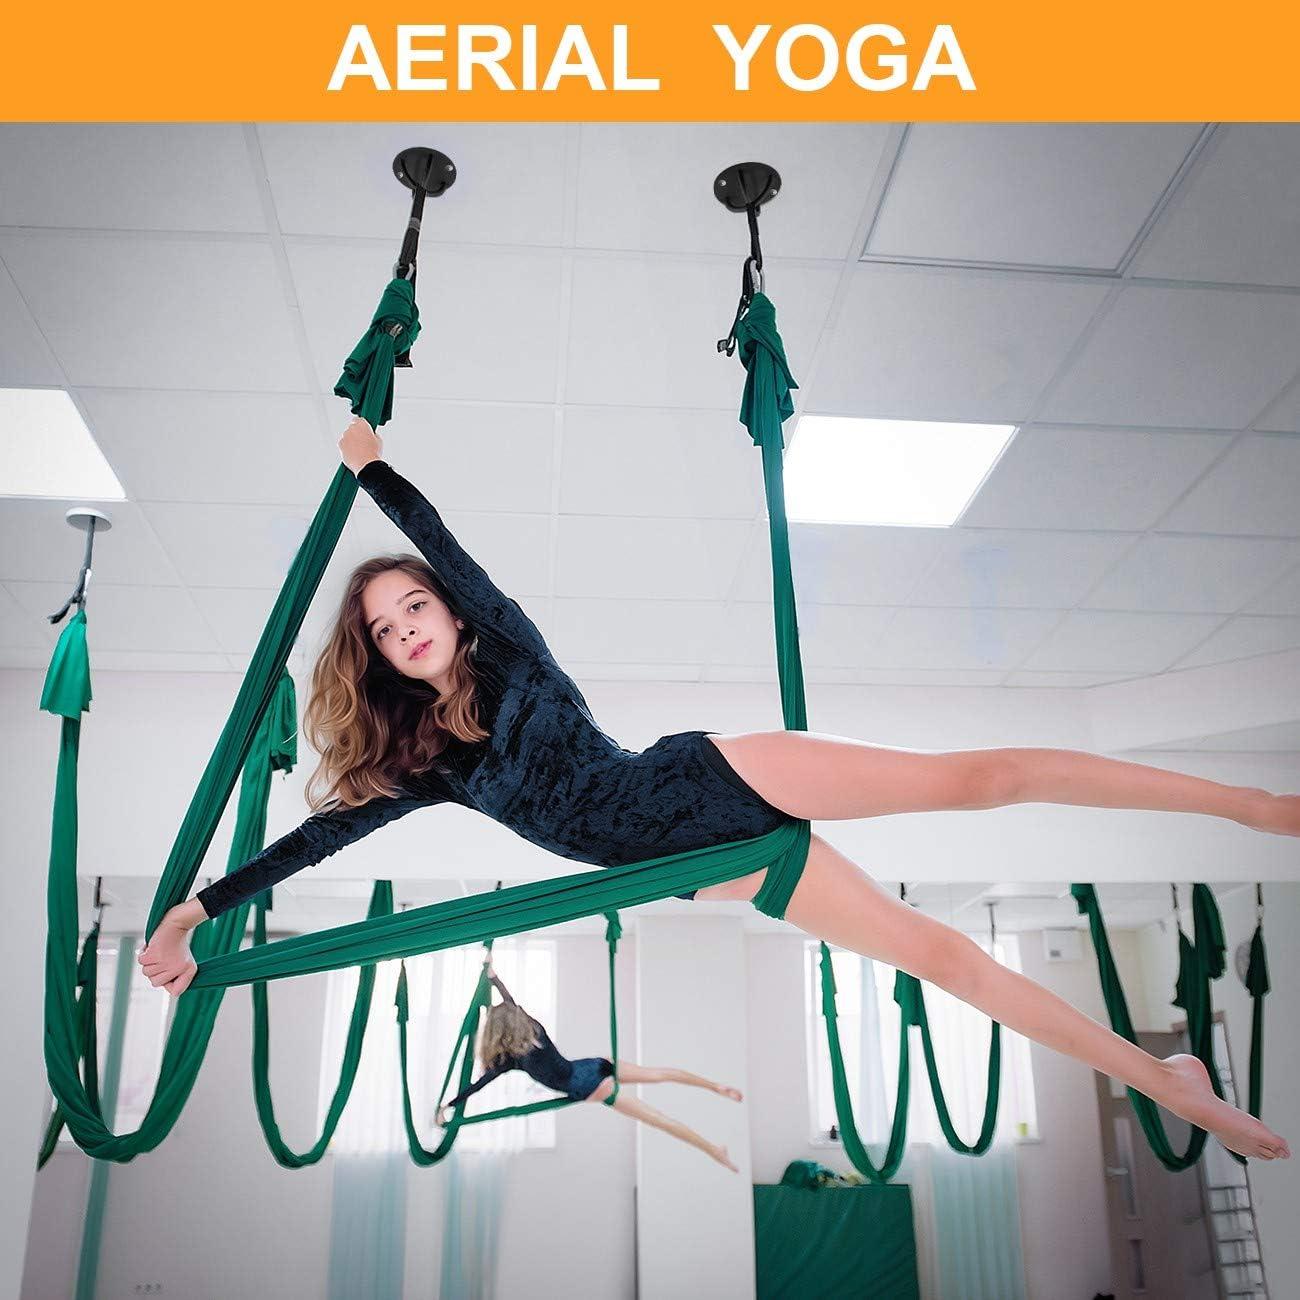 Overmont Soporte Anclaje de Techo Pared Incluye Juego de Tornillos para Correas de Suspensión Anillos de Gimnasia Yoga Swing Cuerdas de Batalla